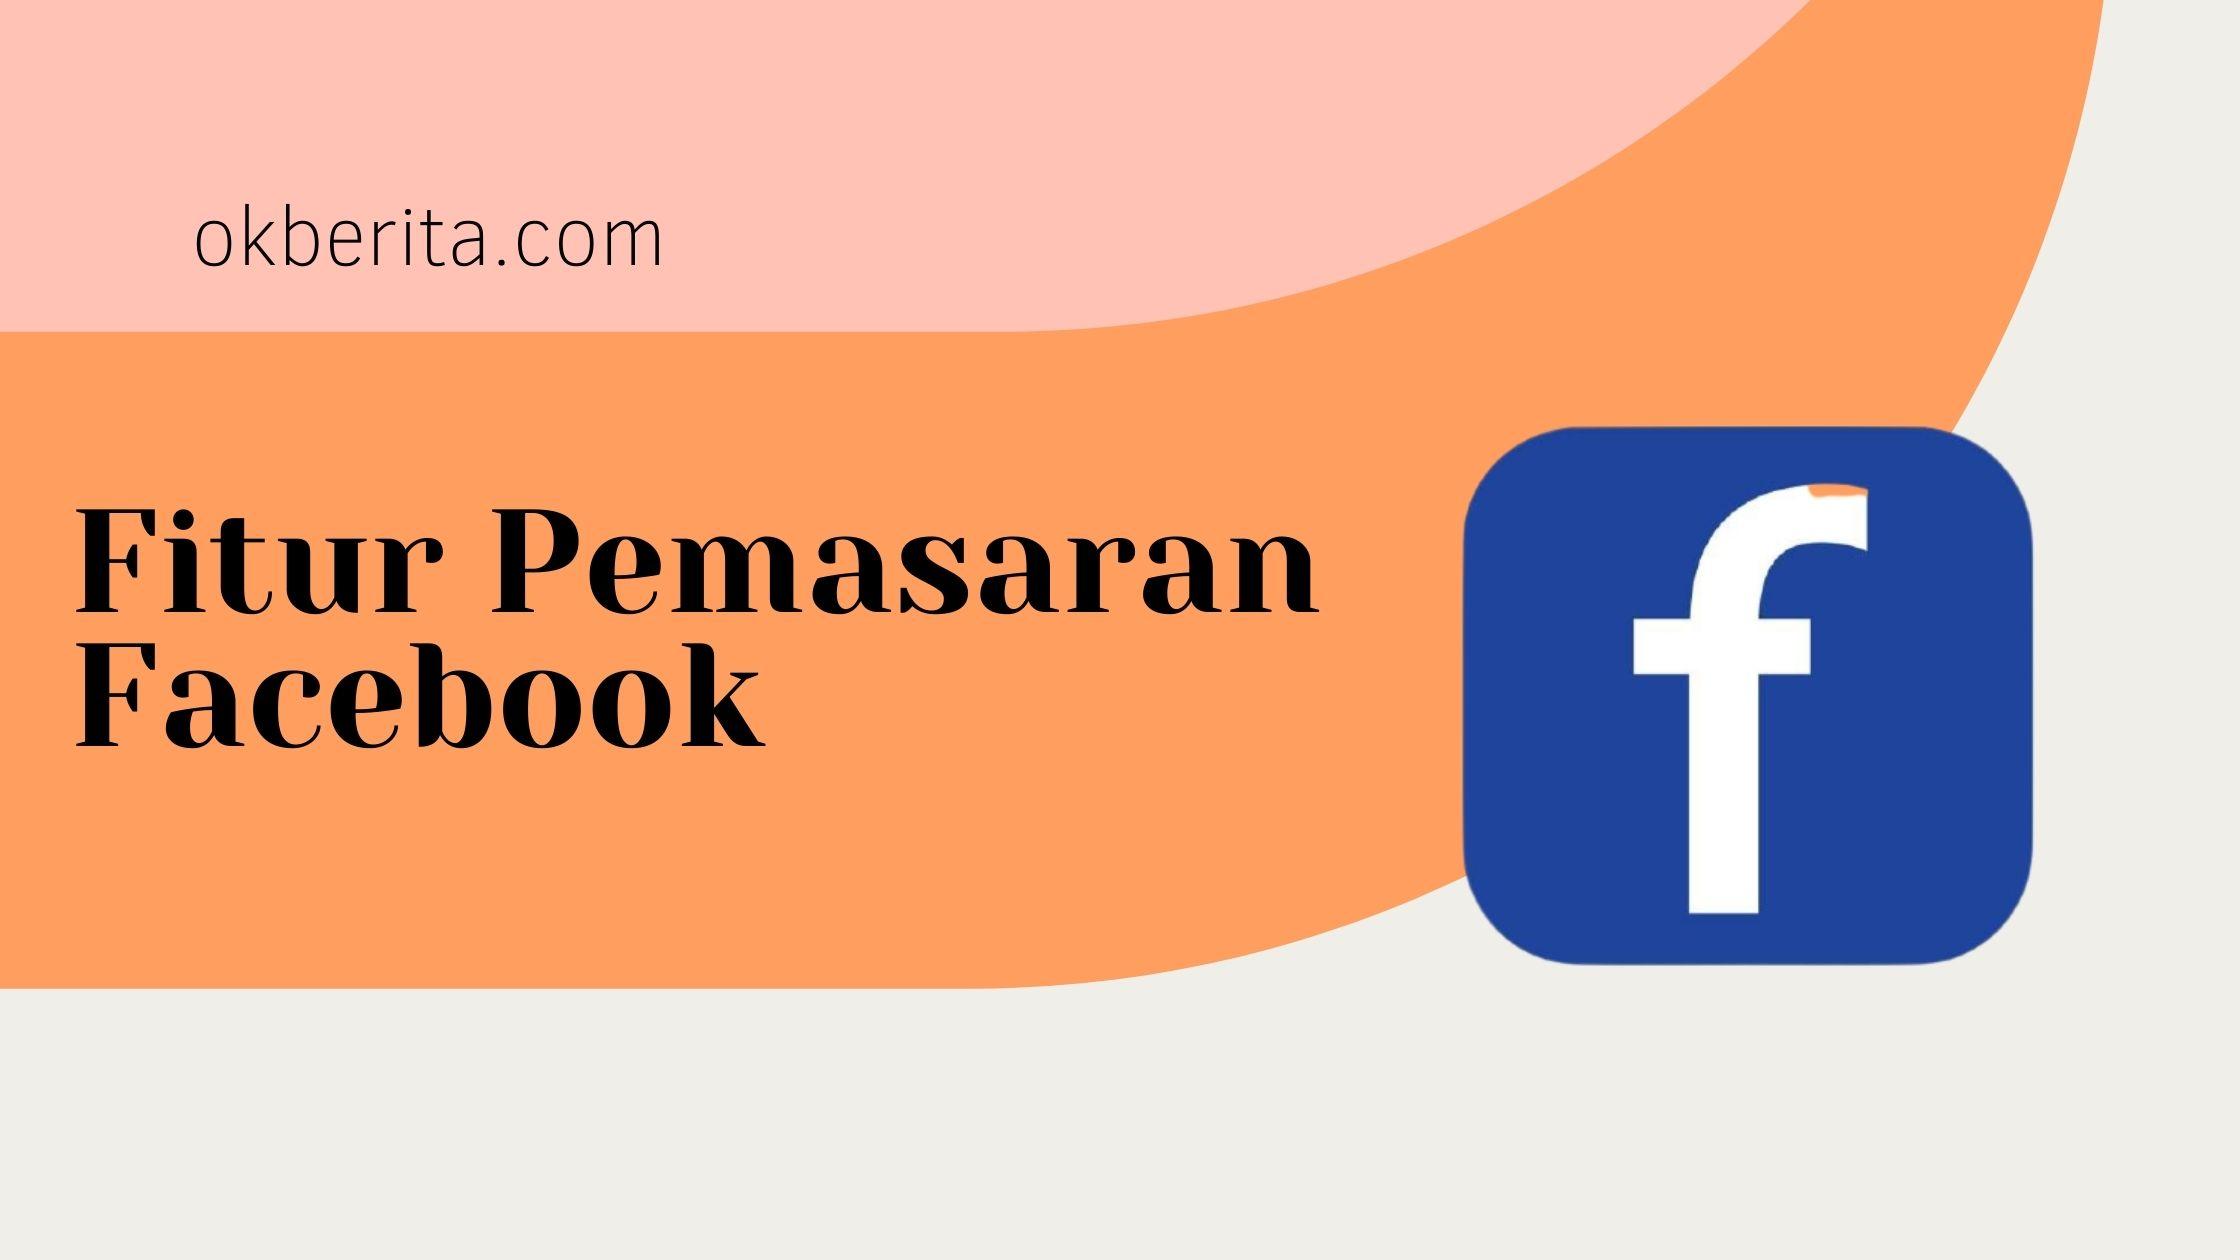 Fitur Pemasaran Facebook